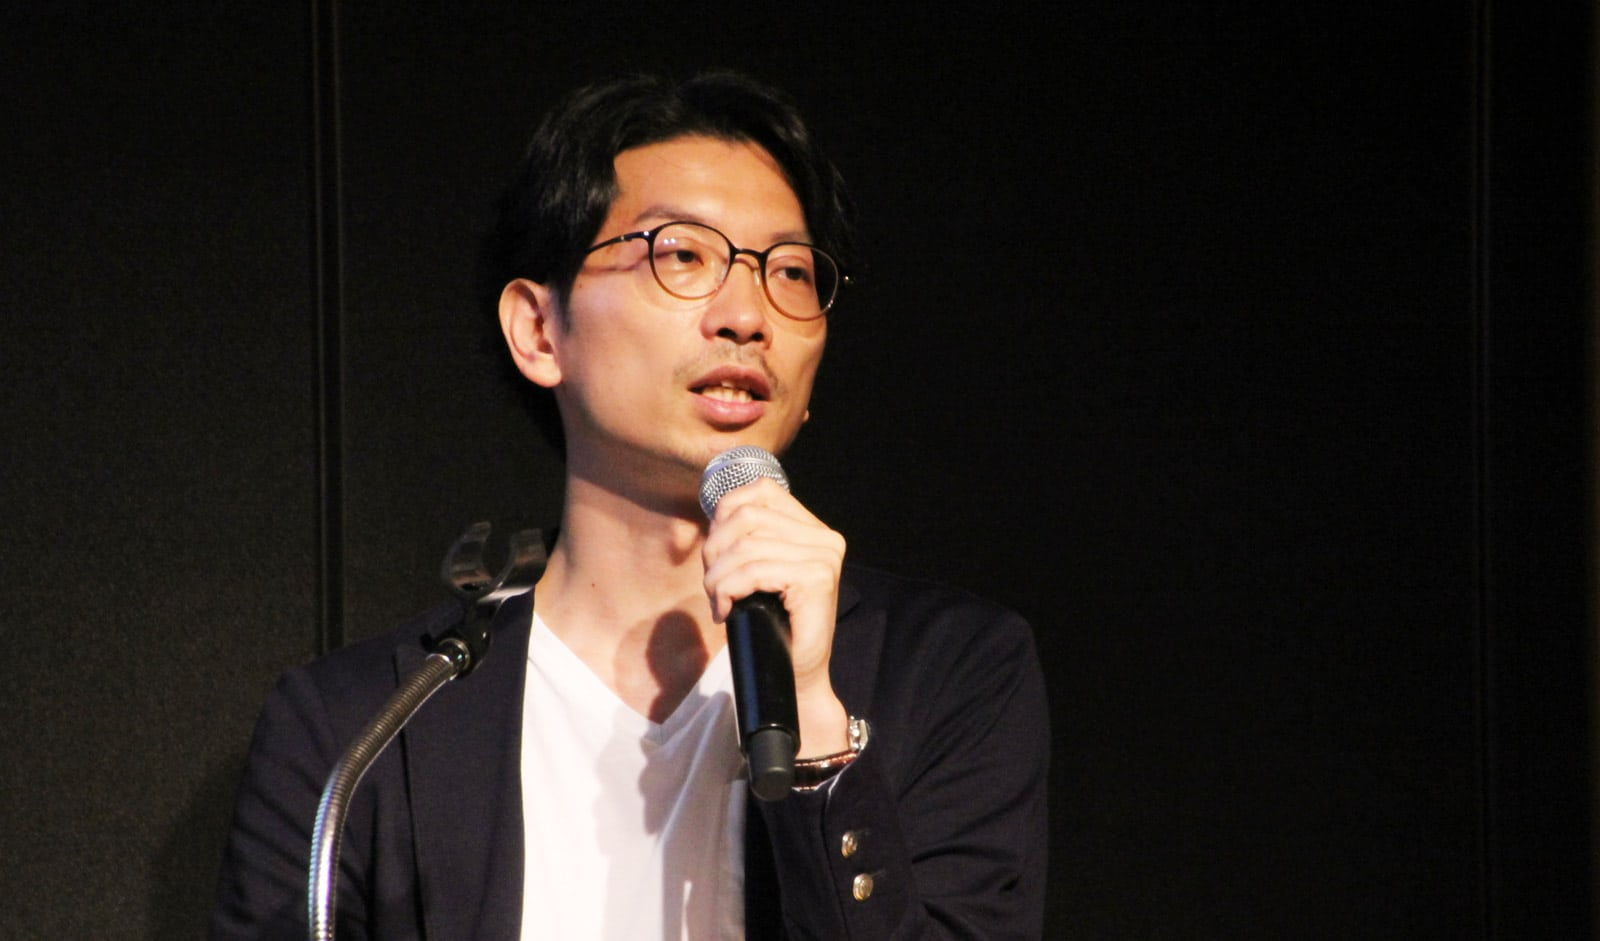 株式会社ダイヤモンド社 デジタルメディア局事業推進部 副部長 高見 潤氏